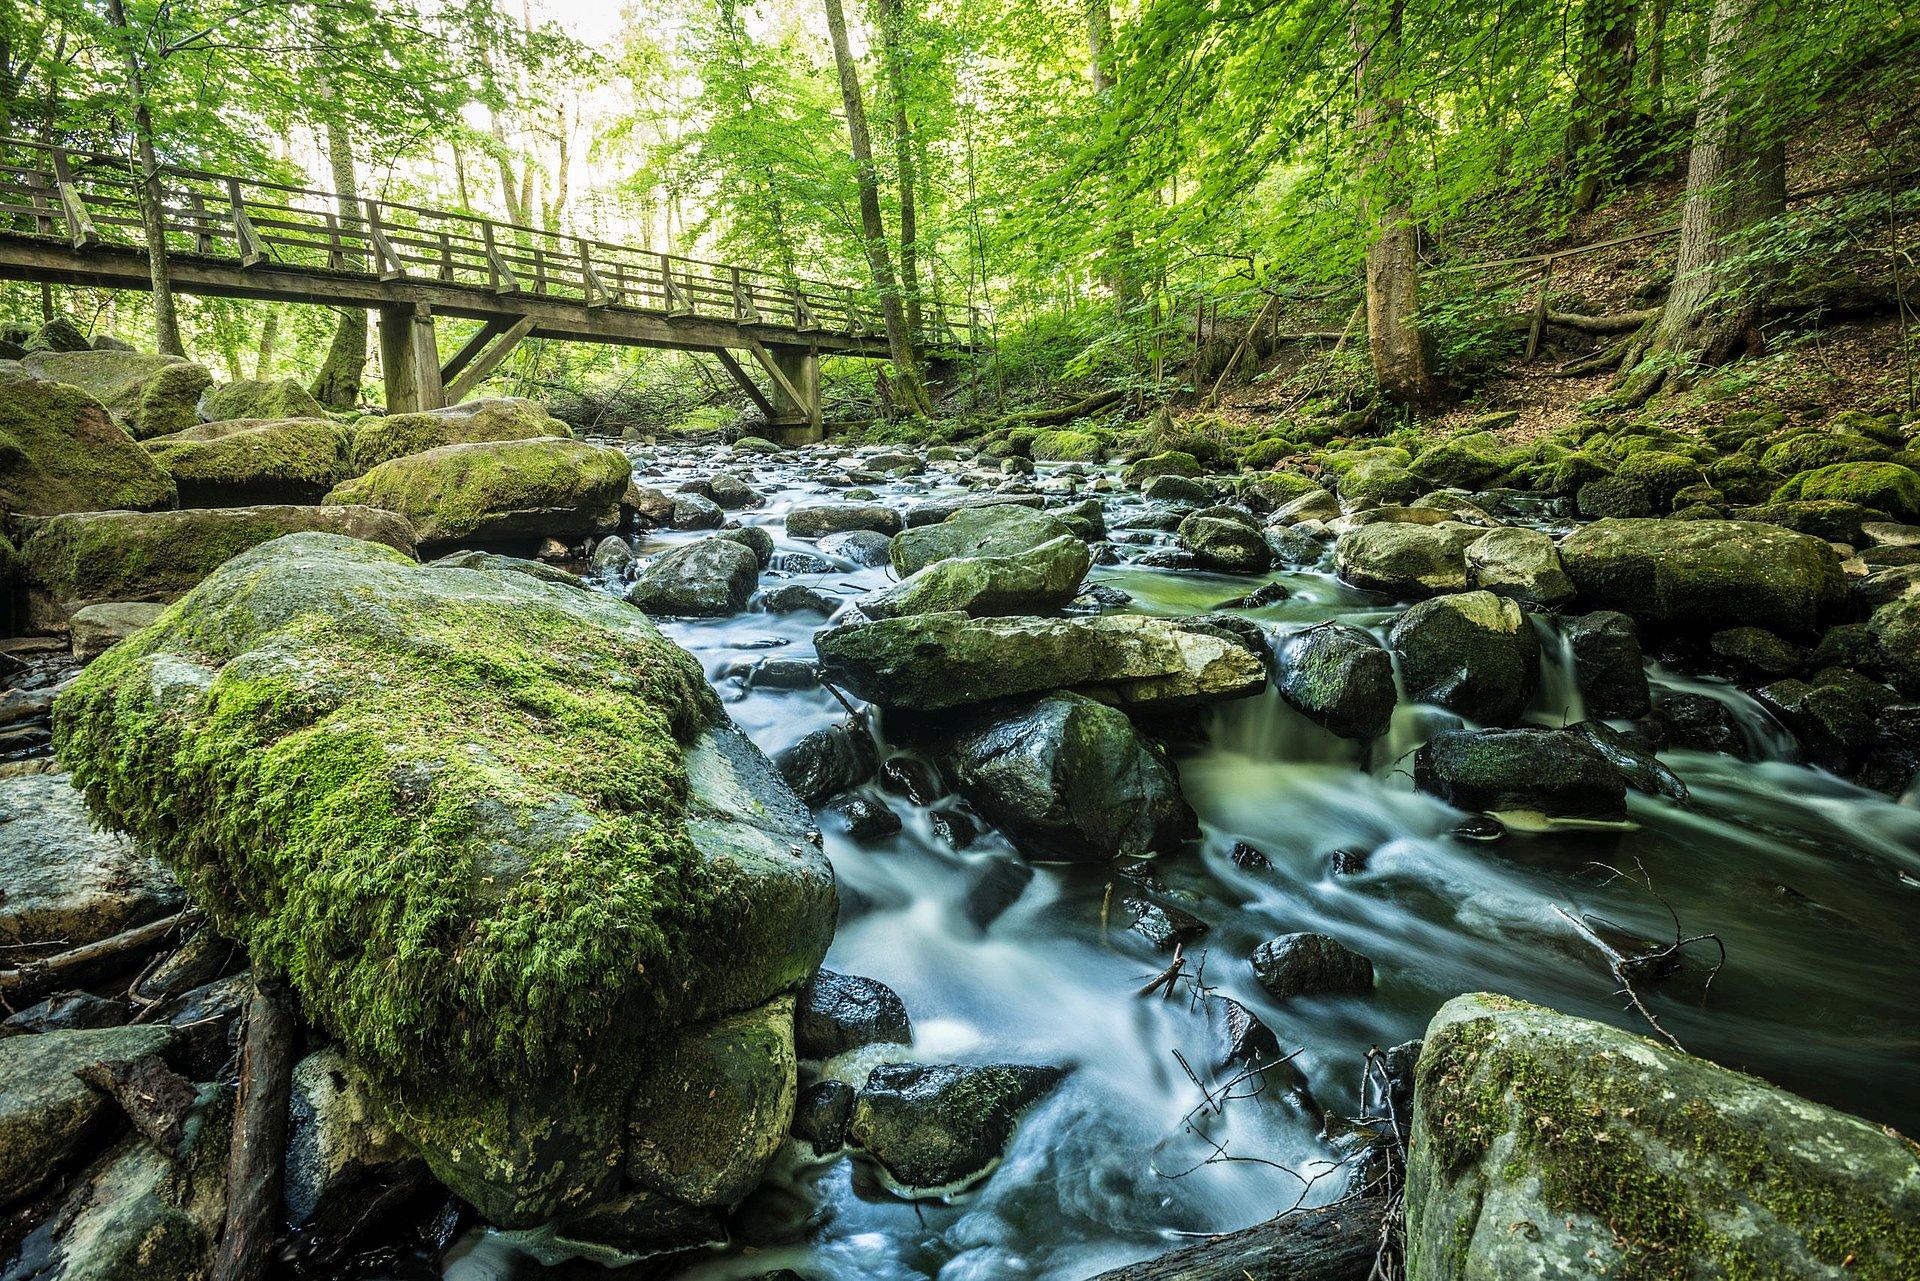 Naturschutzgebiet Holzbachschlucht bei Seck, Westerwald